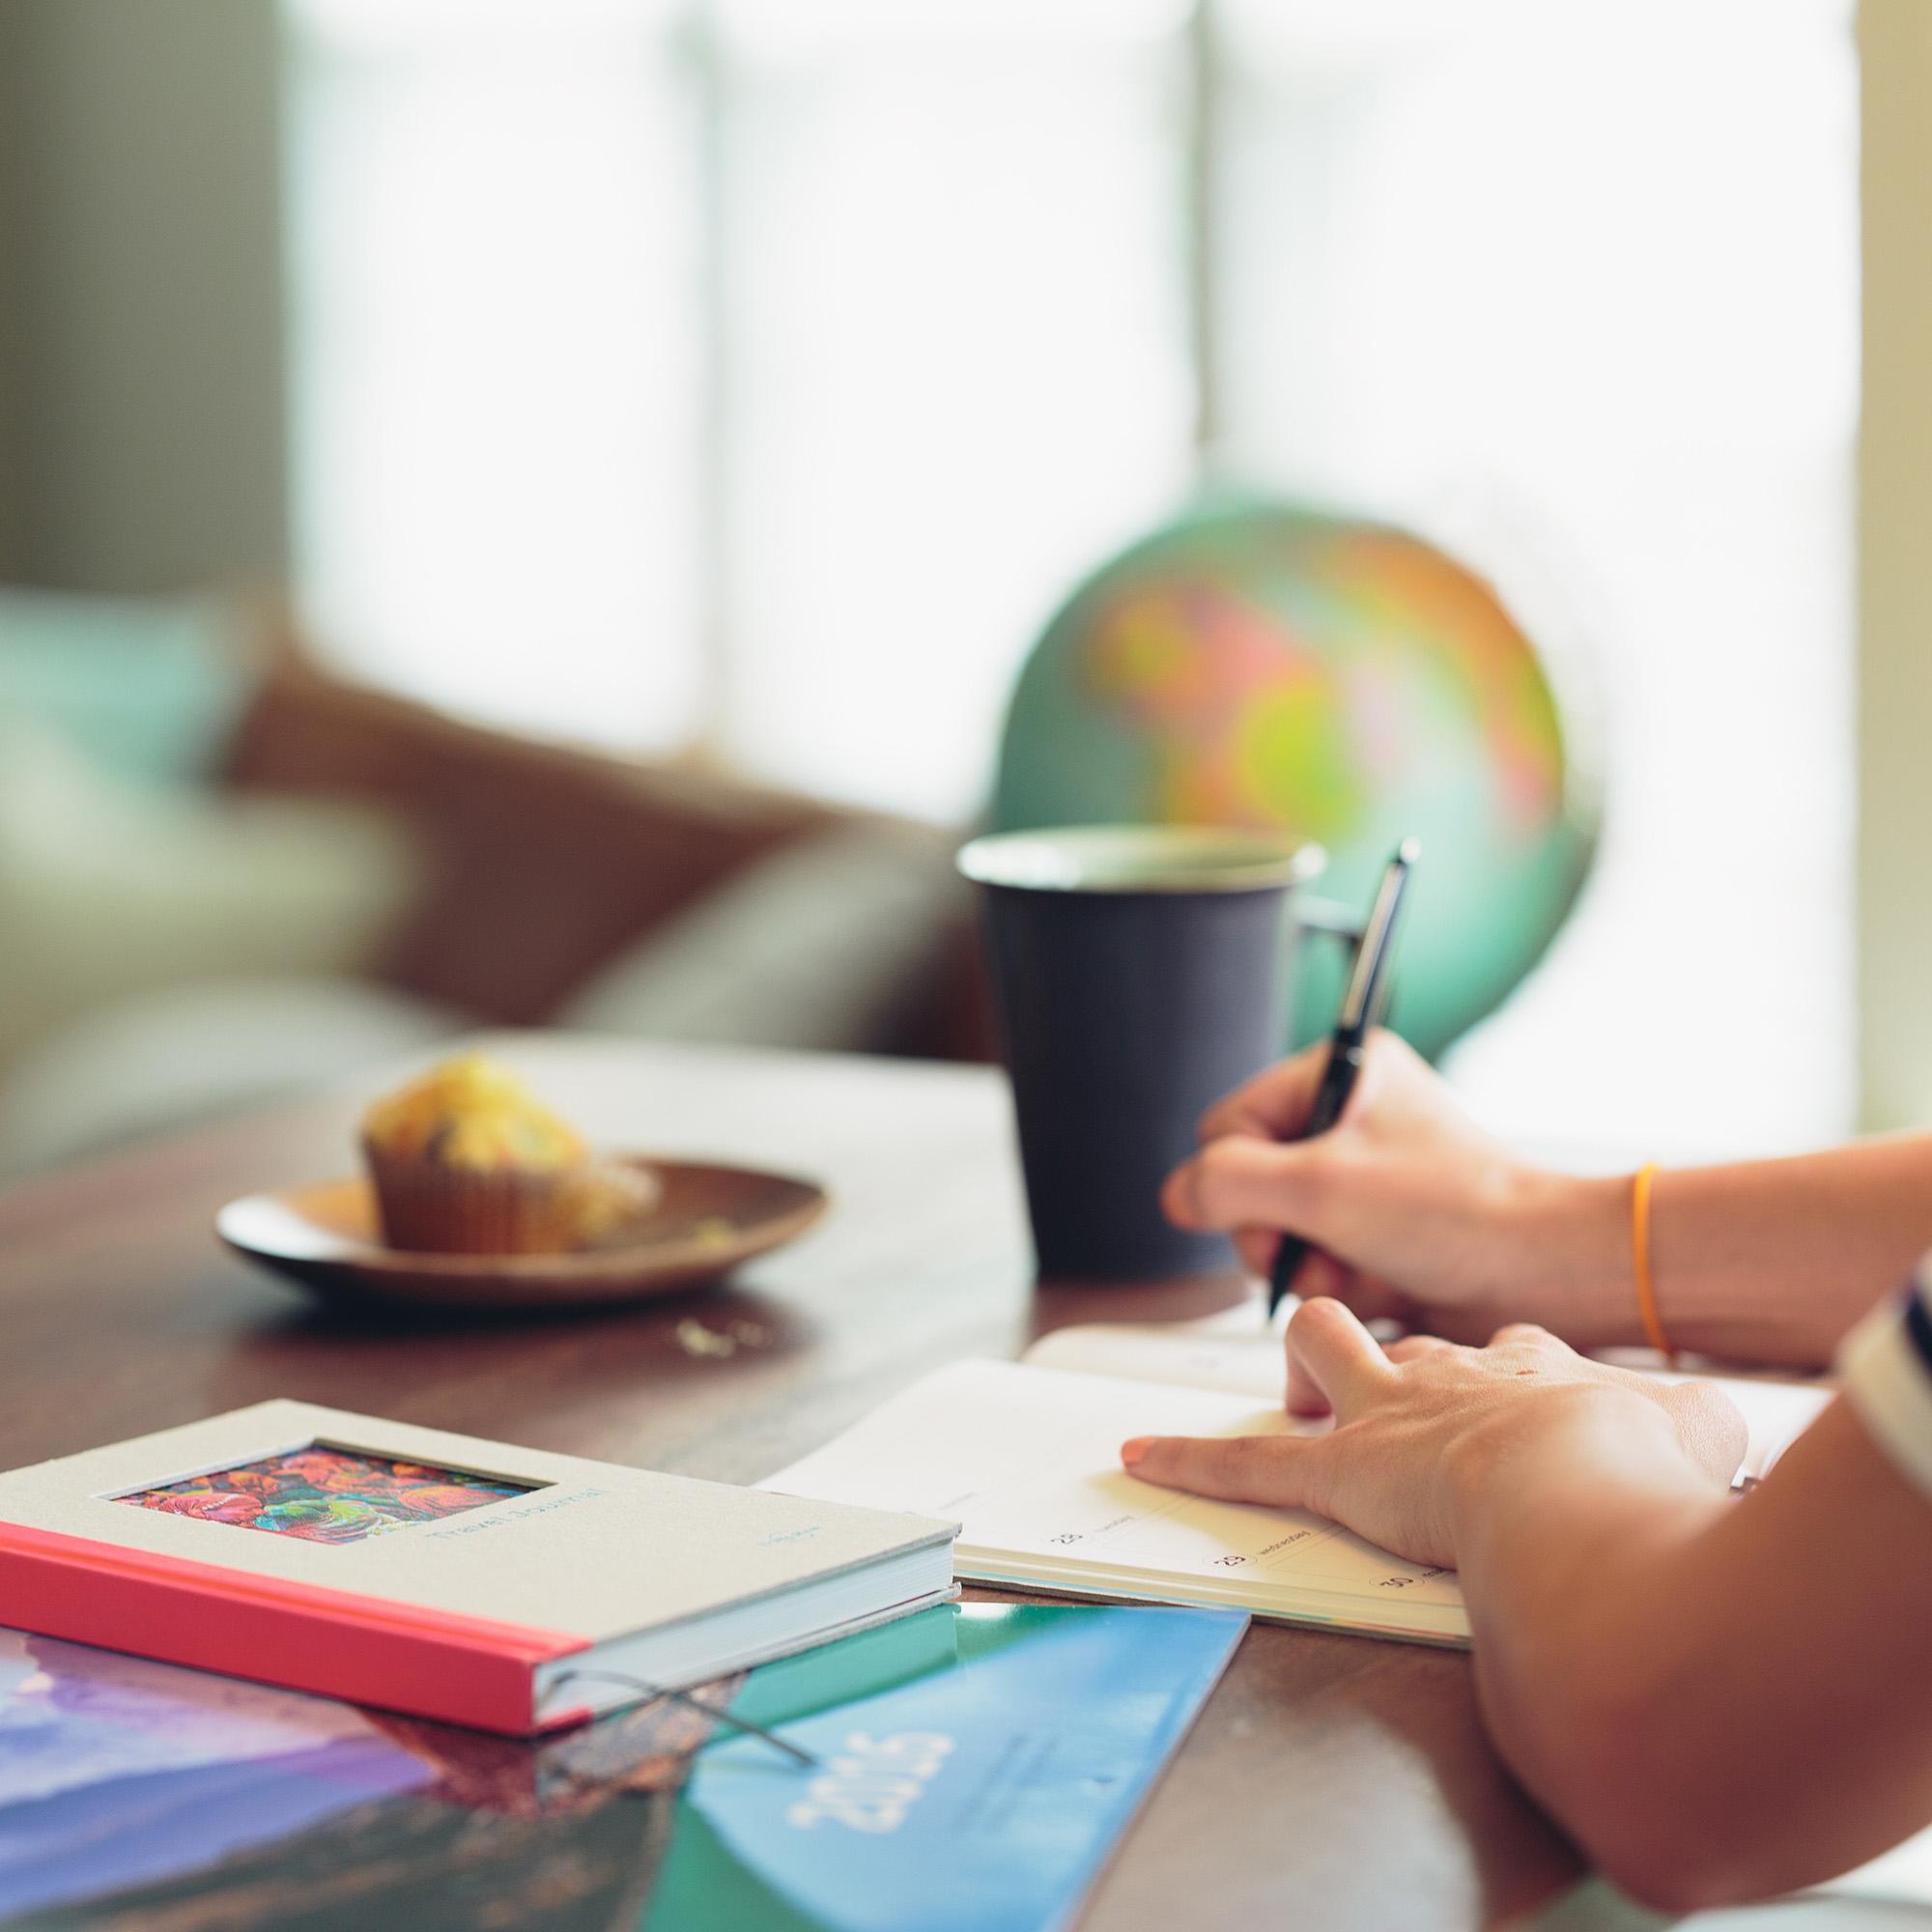 Usaha Tanpa Modal Itu Mungkin Banget Lho! - Luarsekolah.com - Artikel di Luarsekolah